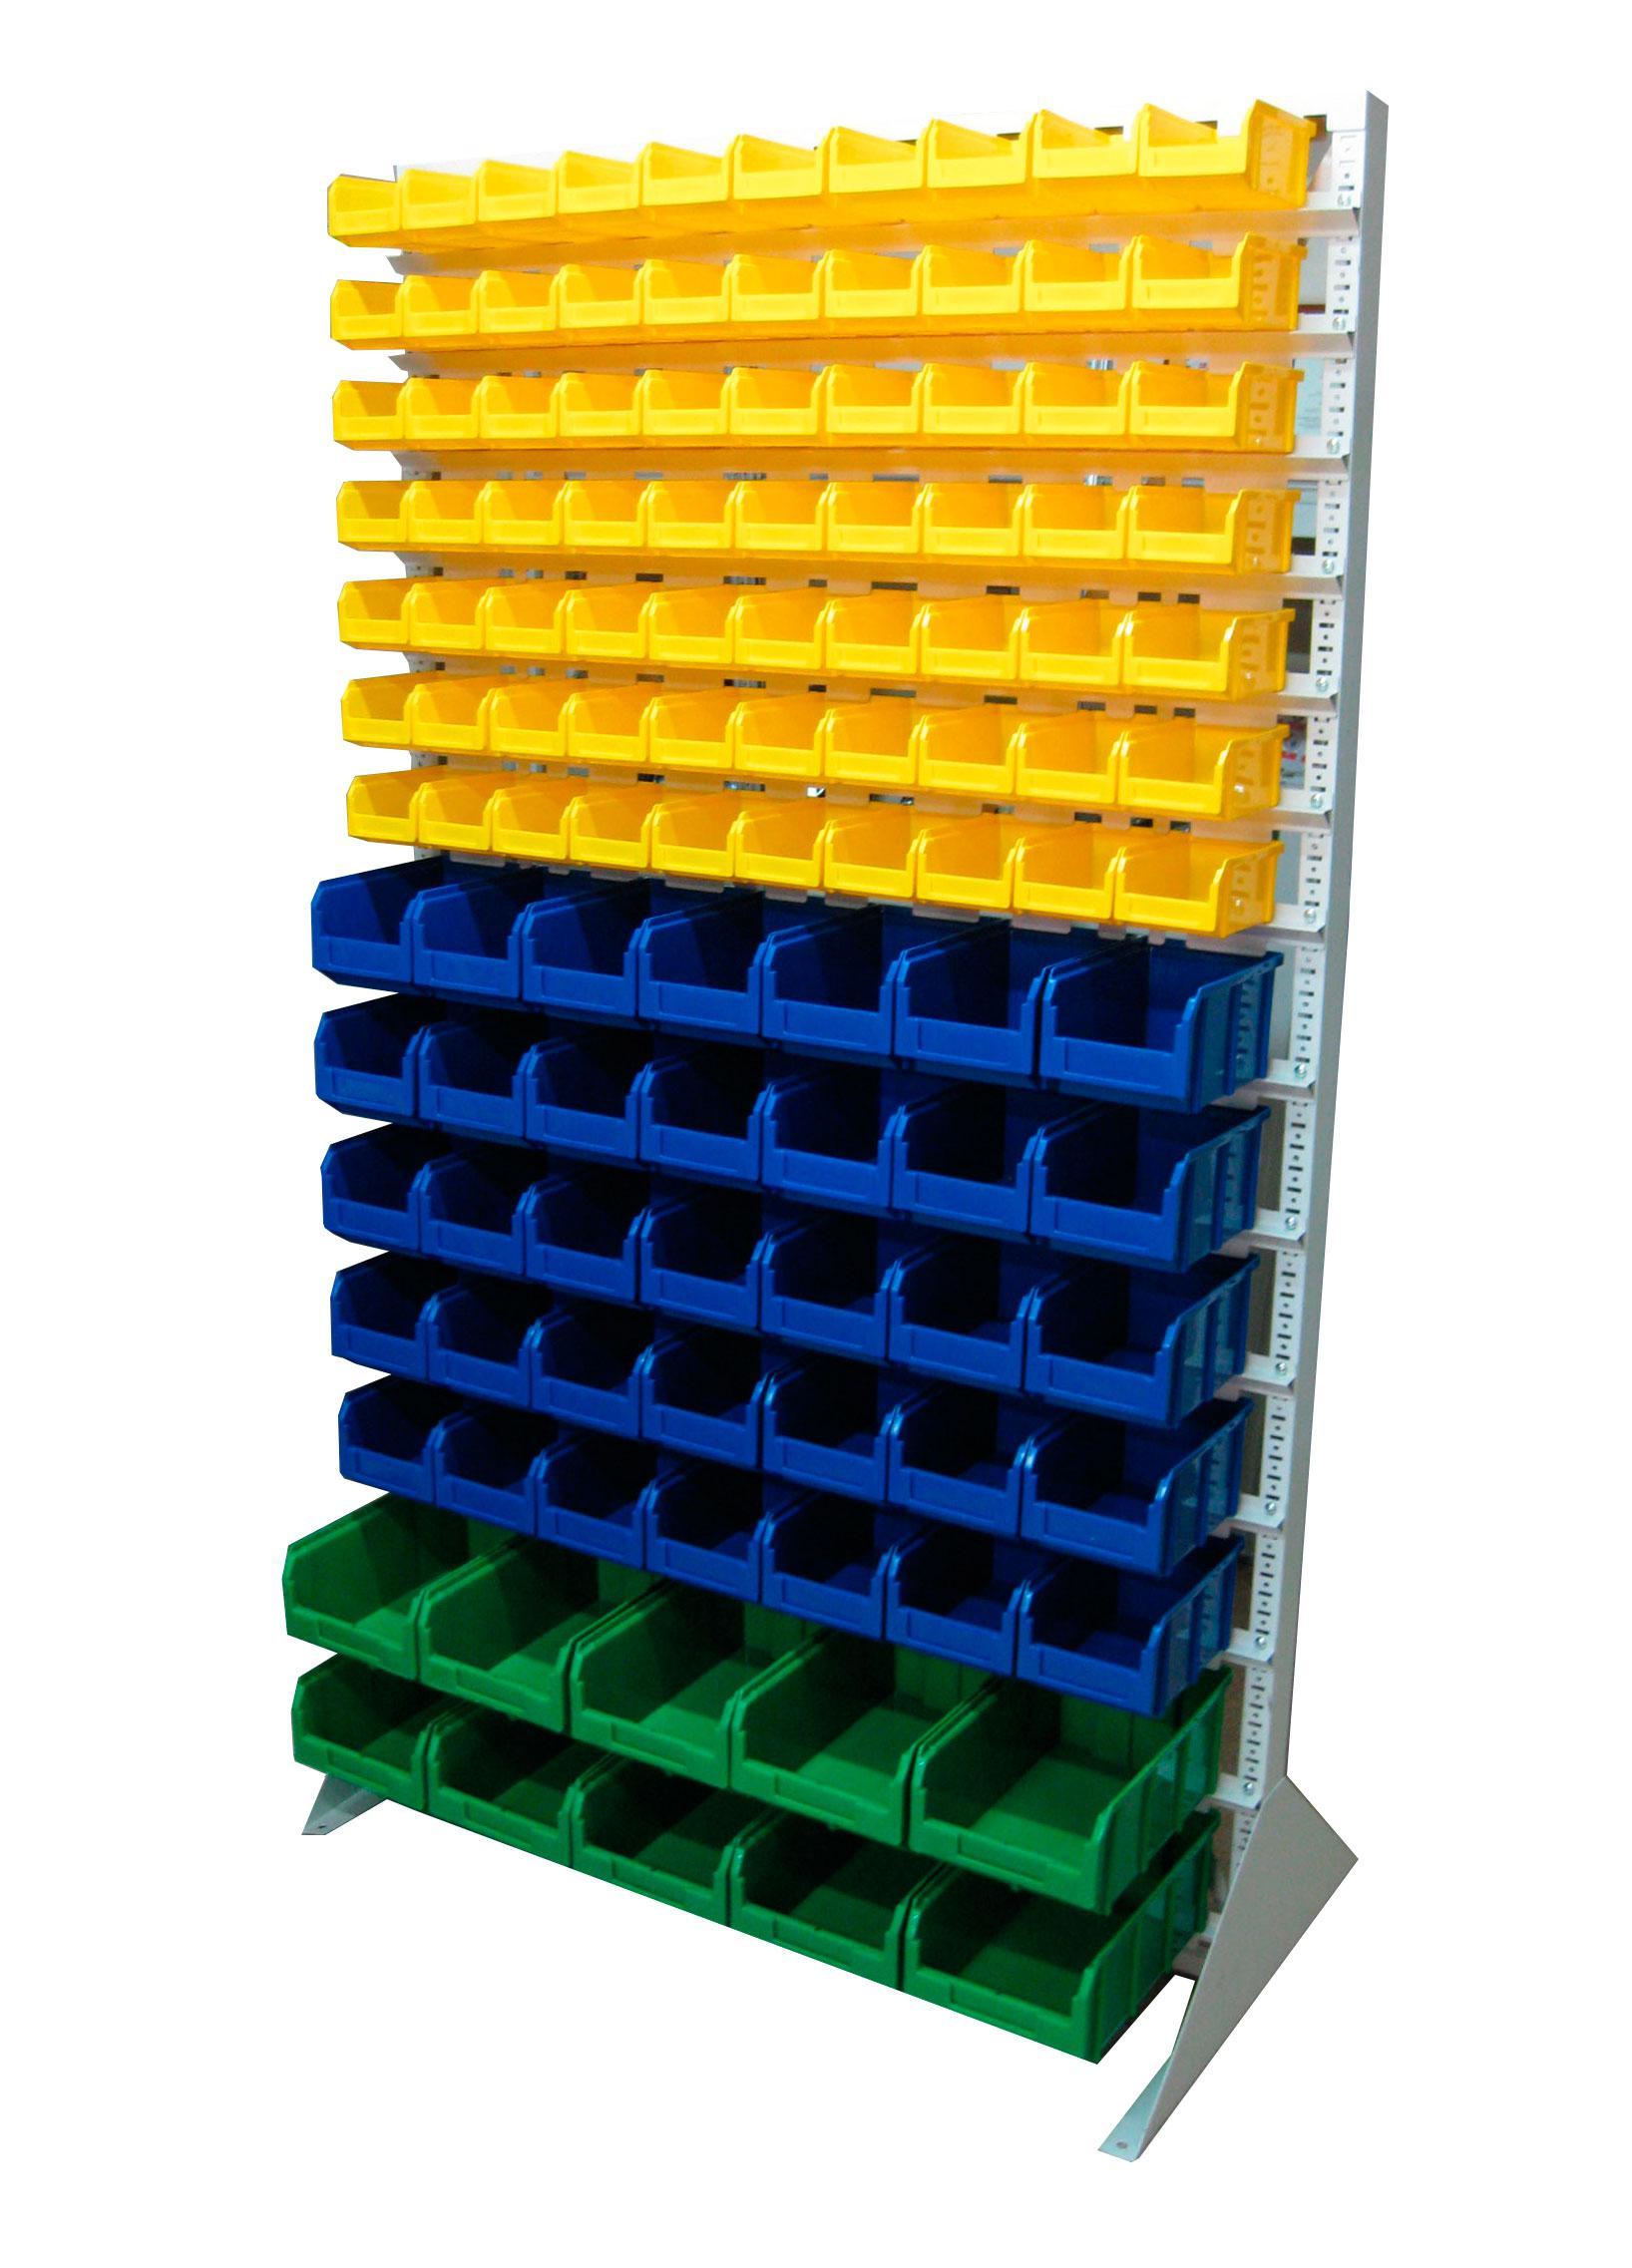 Стойка СТЕЛЛА В1-07-05-02 желтый / синий/ зеленый